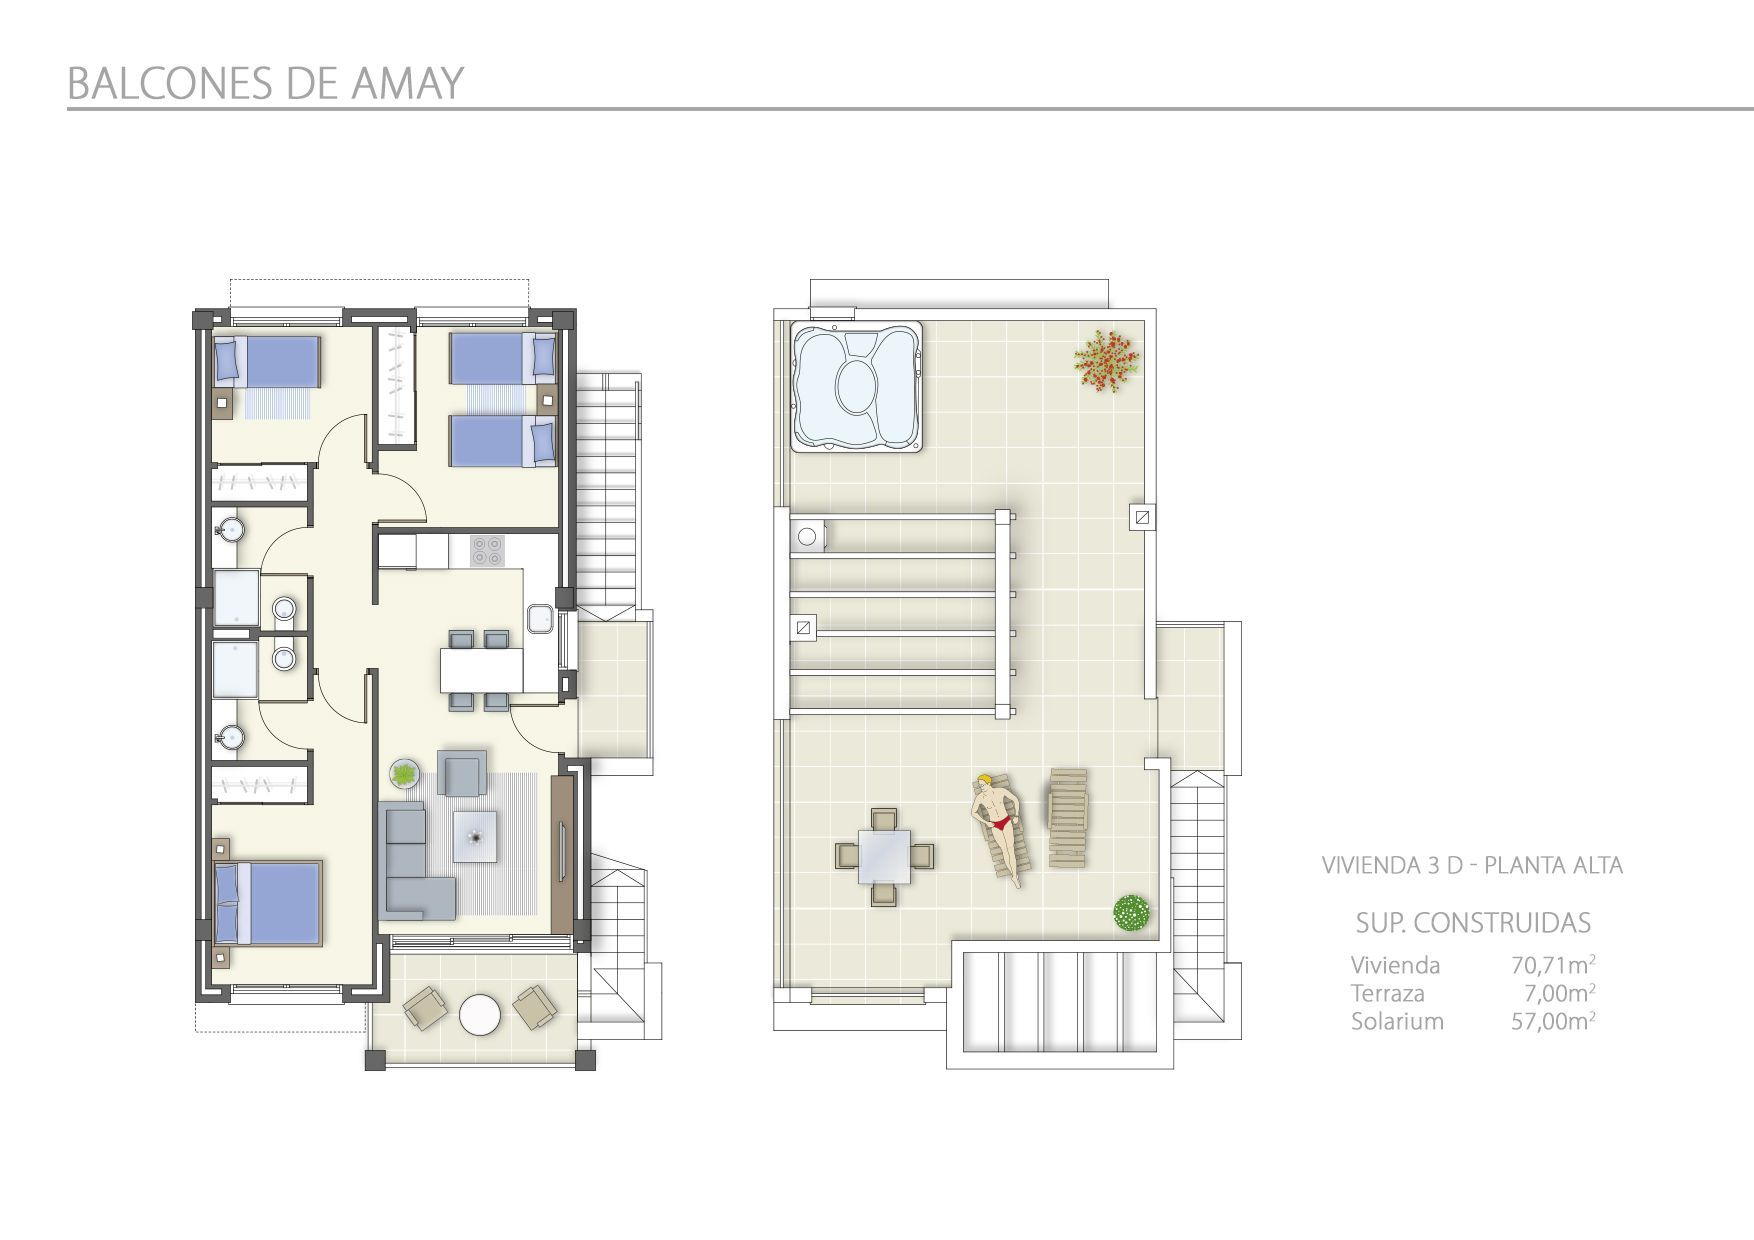 3 Dormitorios en Planta Alta